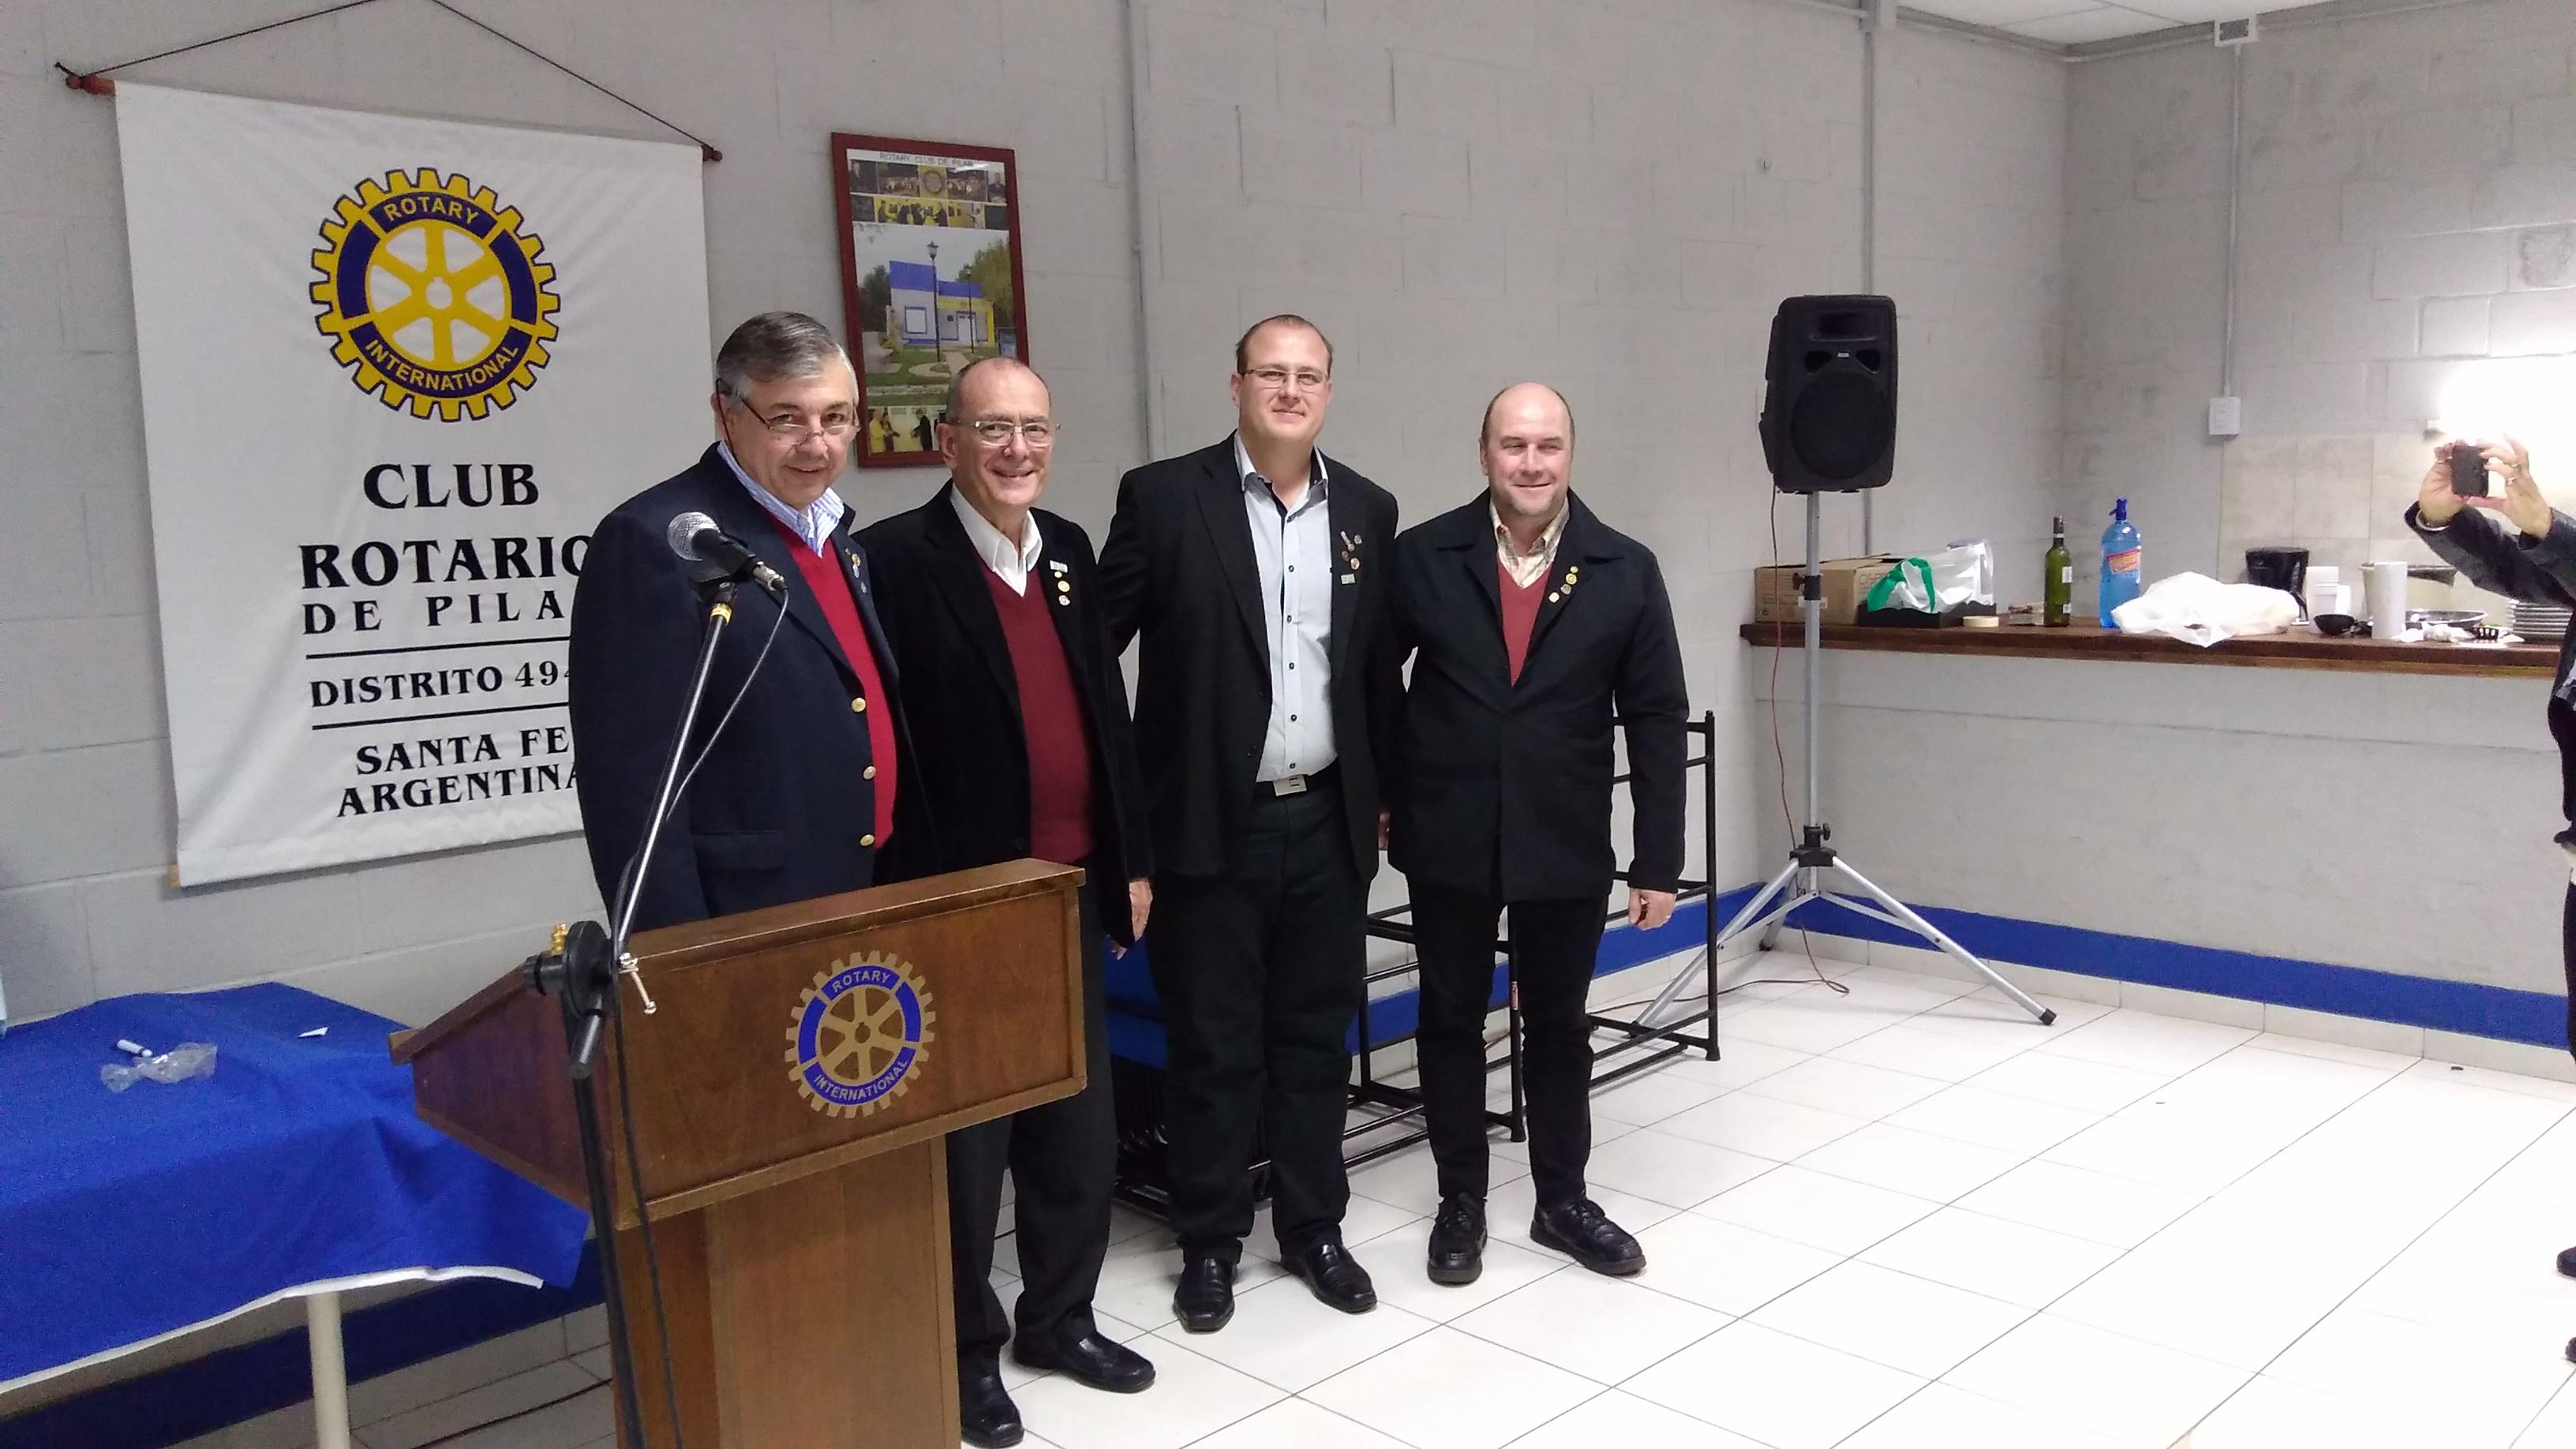 Asamblea y cambio de autoridades en el Rotary Club de Pilar